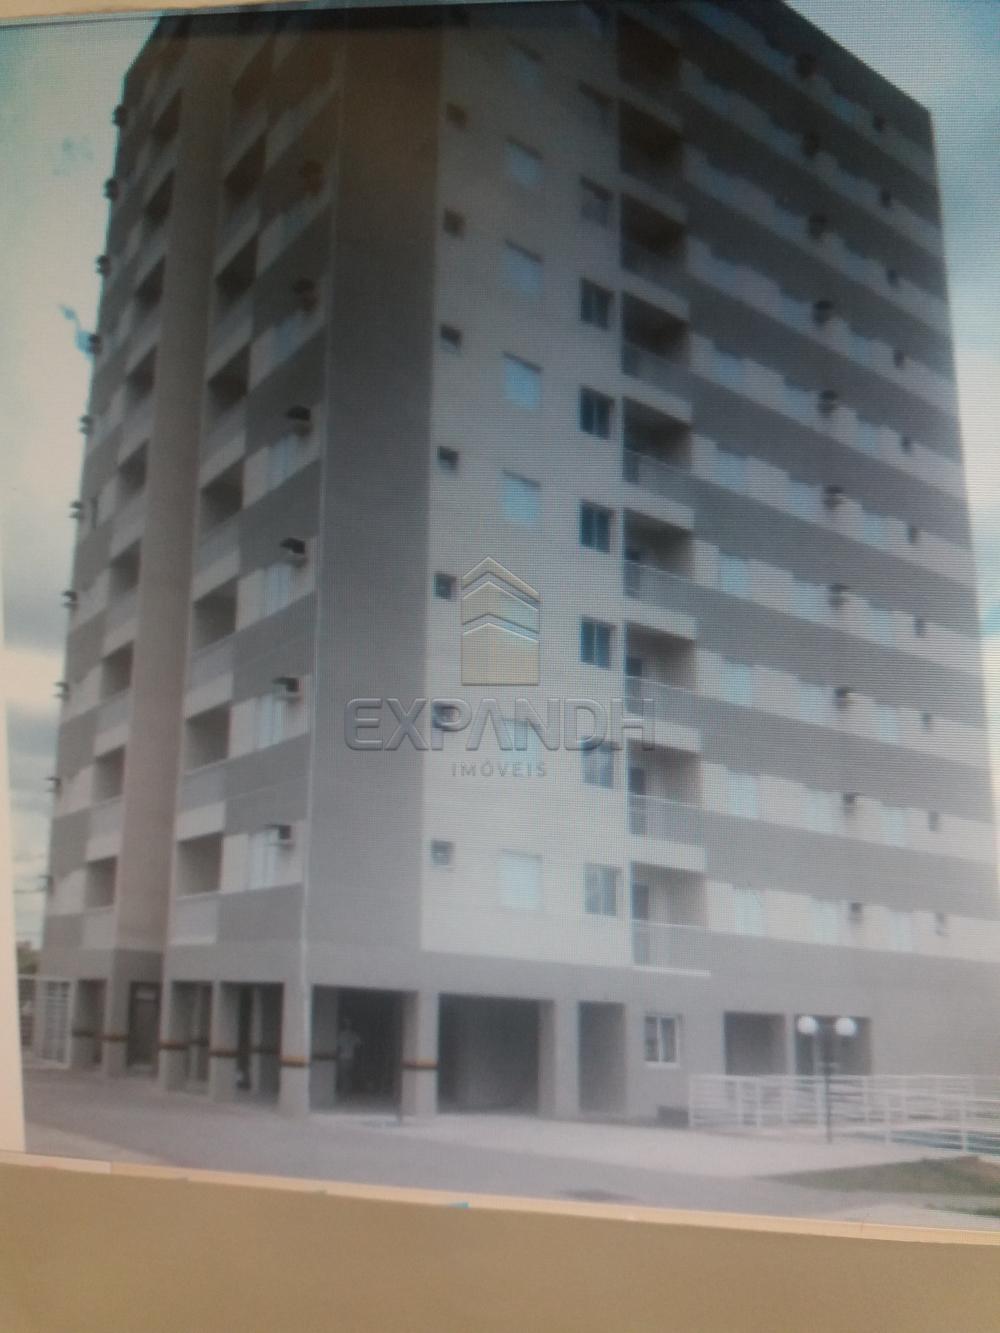 Comprar Apartamentos / Padrão em Ribeirão Preto apenas R$ 227.000,00 - Foto 1